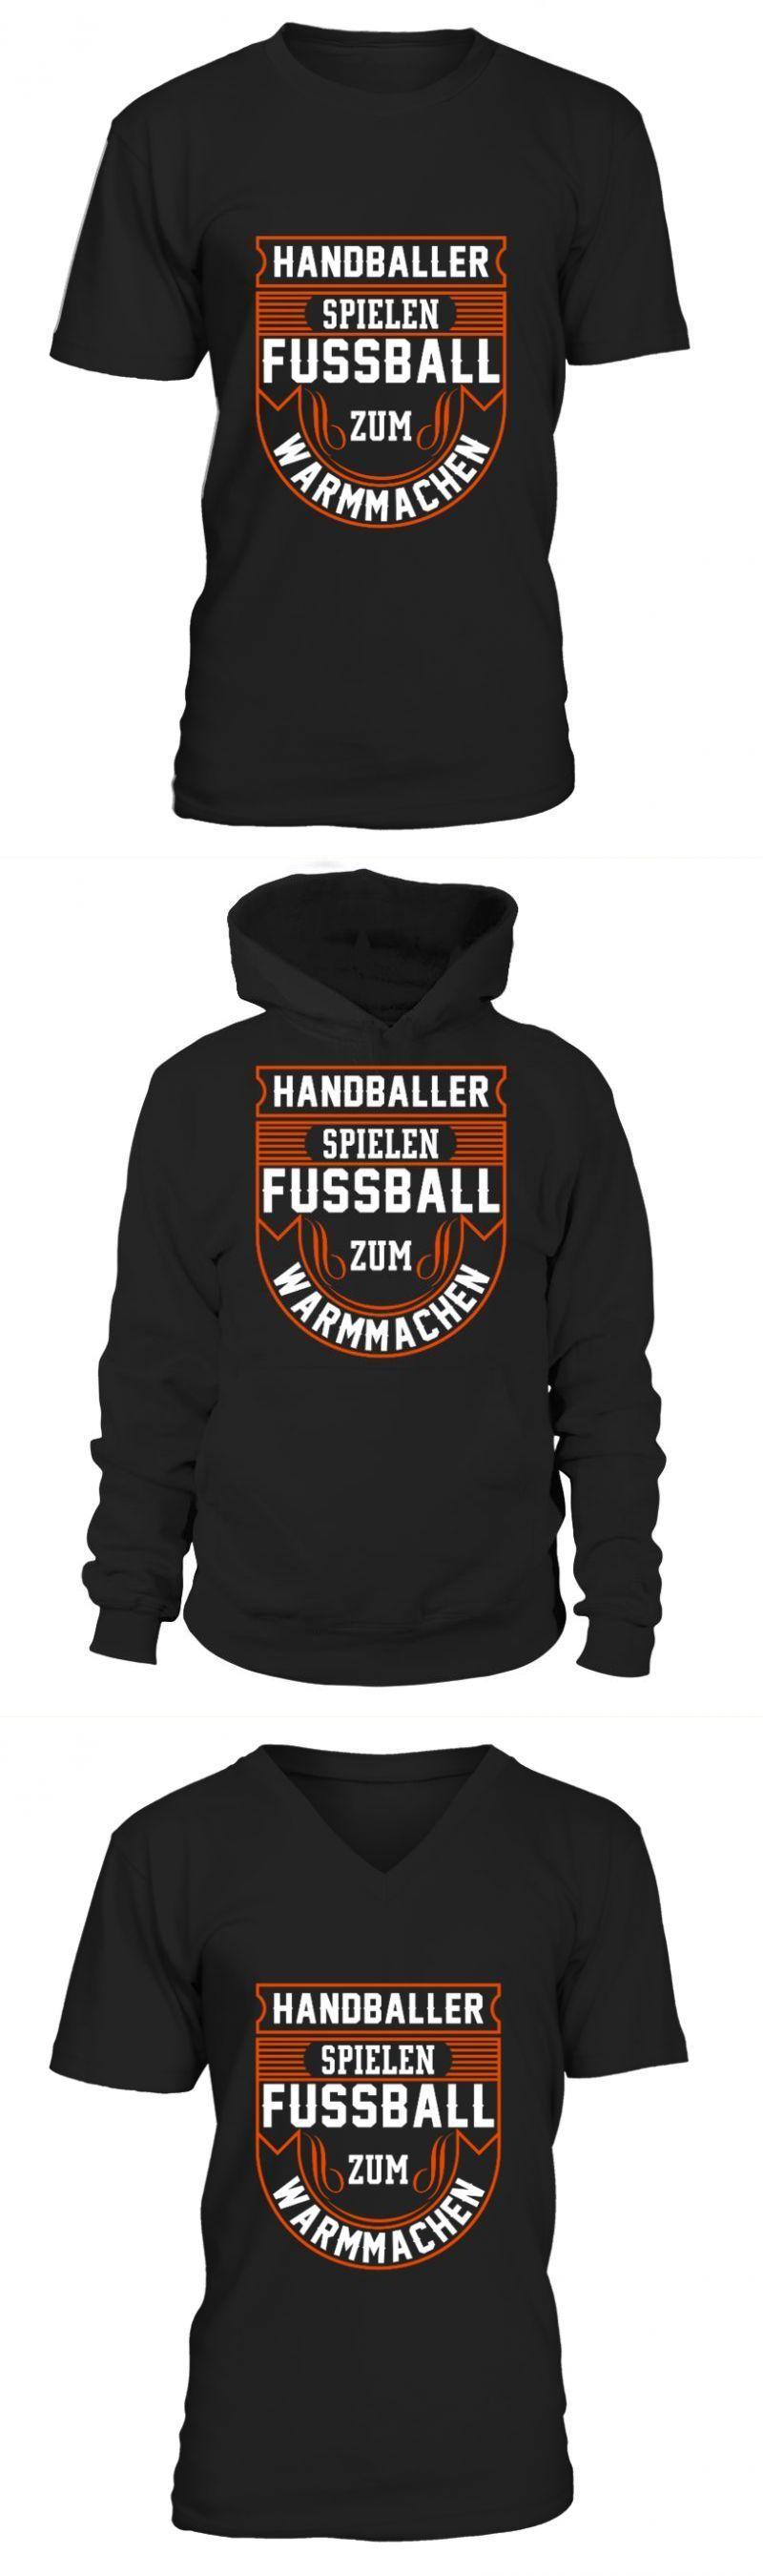 Tee shirt handball lidl handballer tshirt lustiger